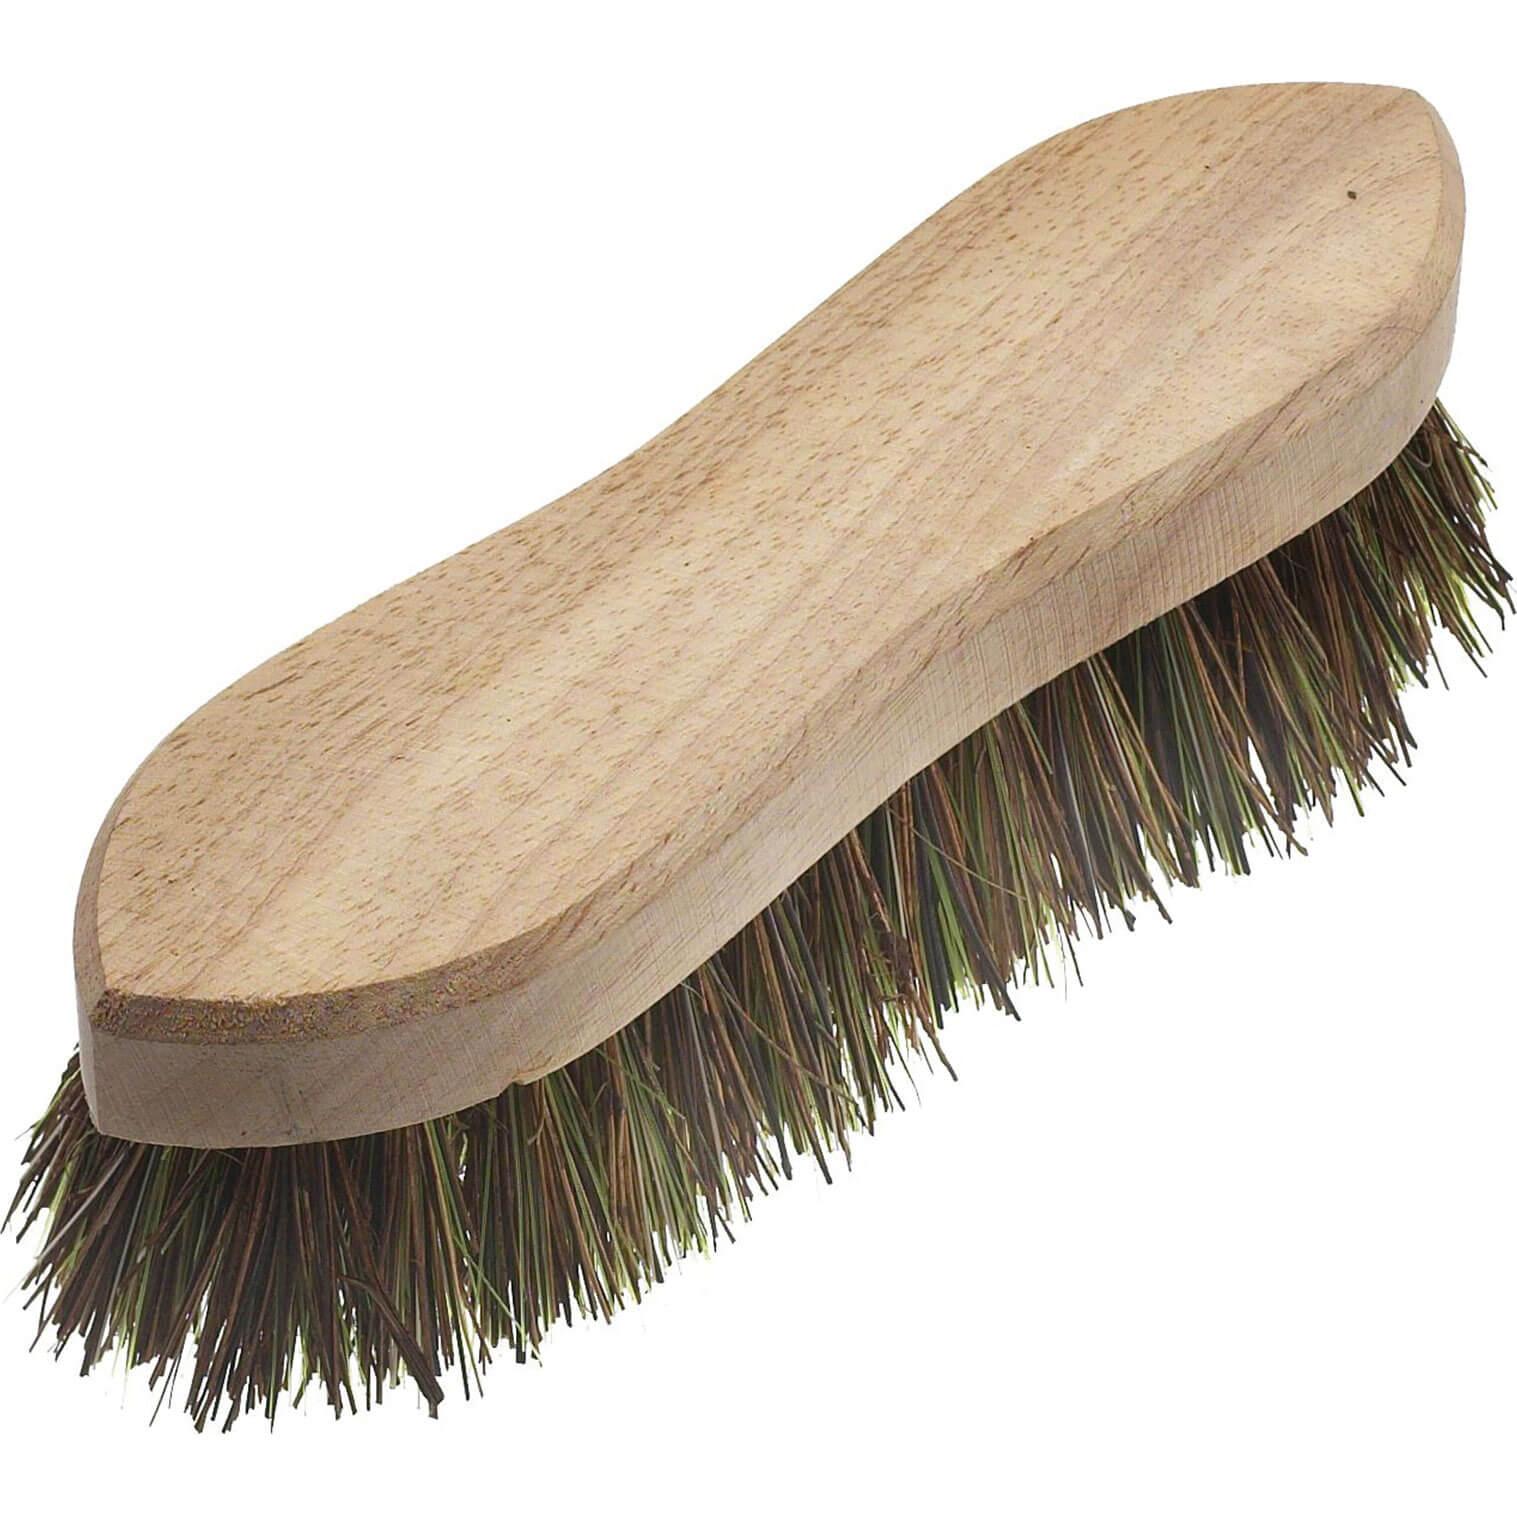 Image of Faithfull Hand Scrubbing Brush